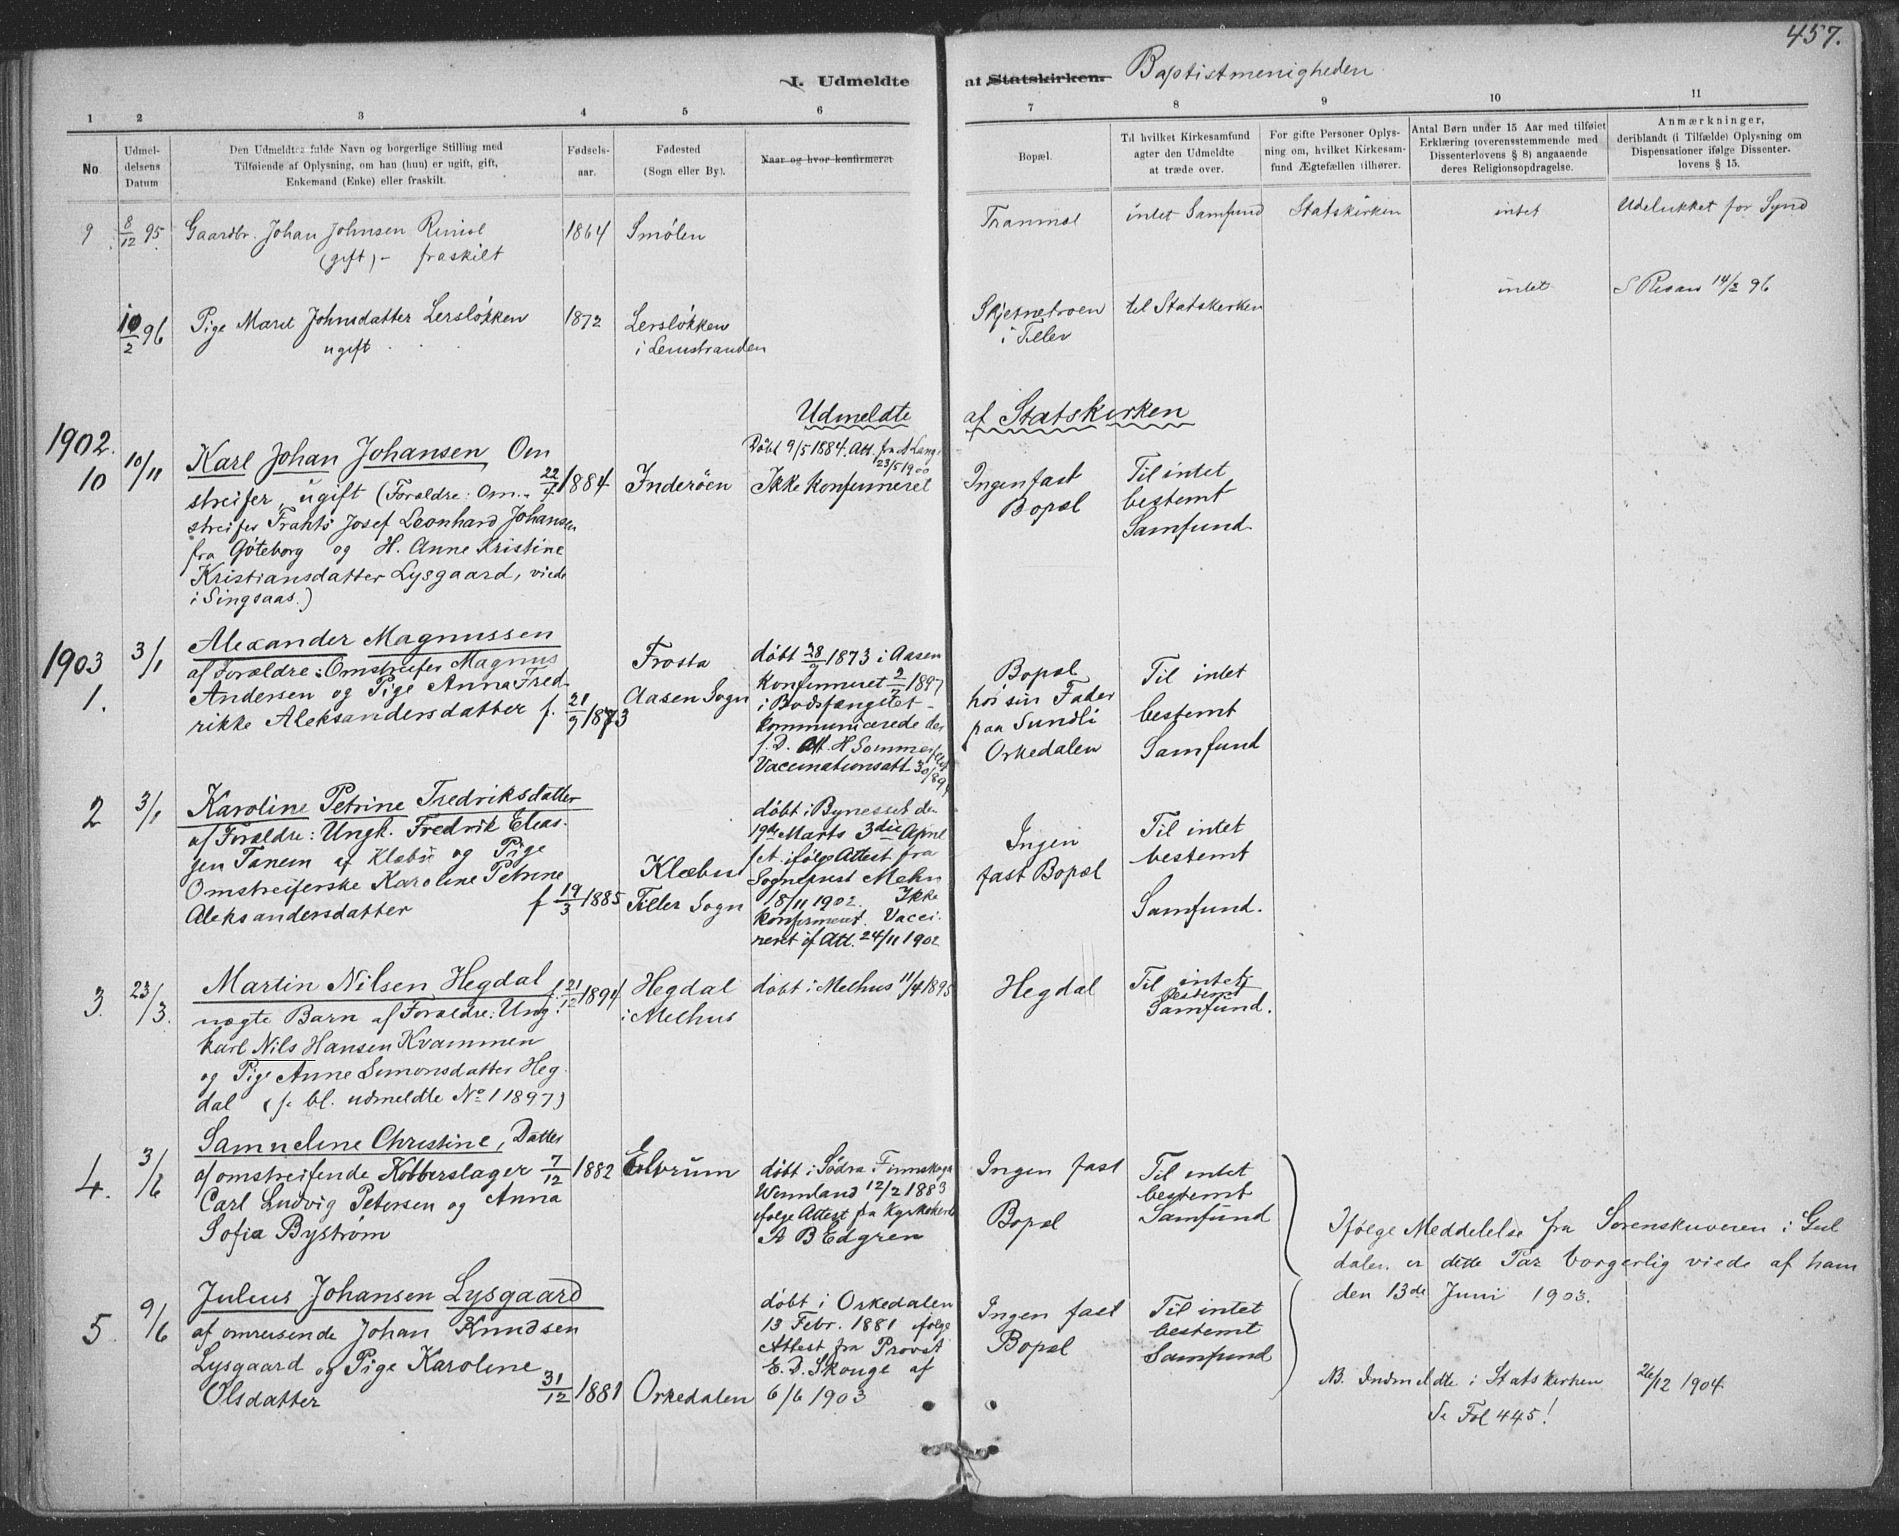 SAT, Ministerialprotokoller, klokkerbøker og fødselsregistre - Sør-Trøndelag, 691/L1085: Ministerialbok nr. 691A17, 1887-1908, s. 457